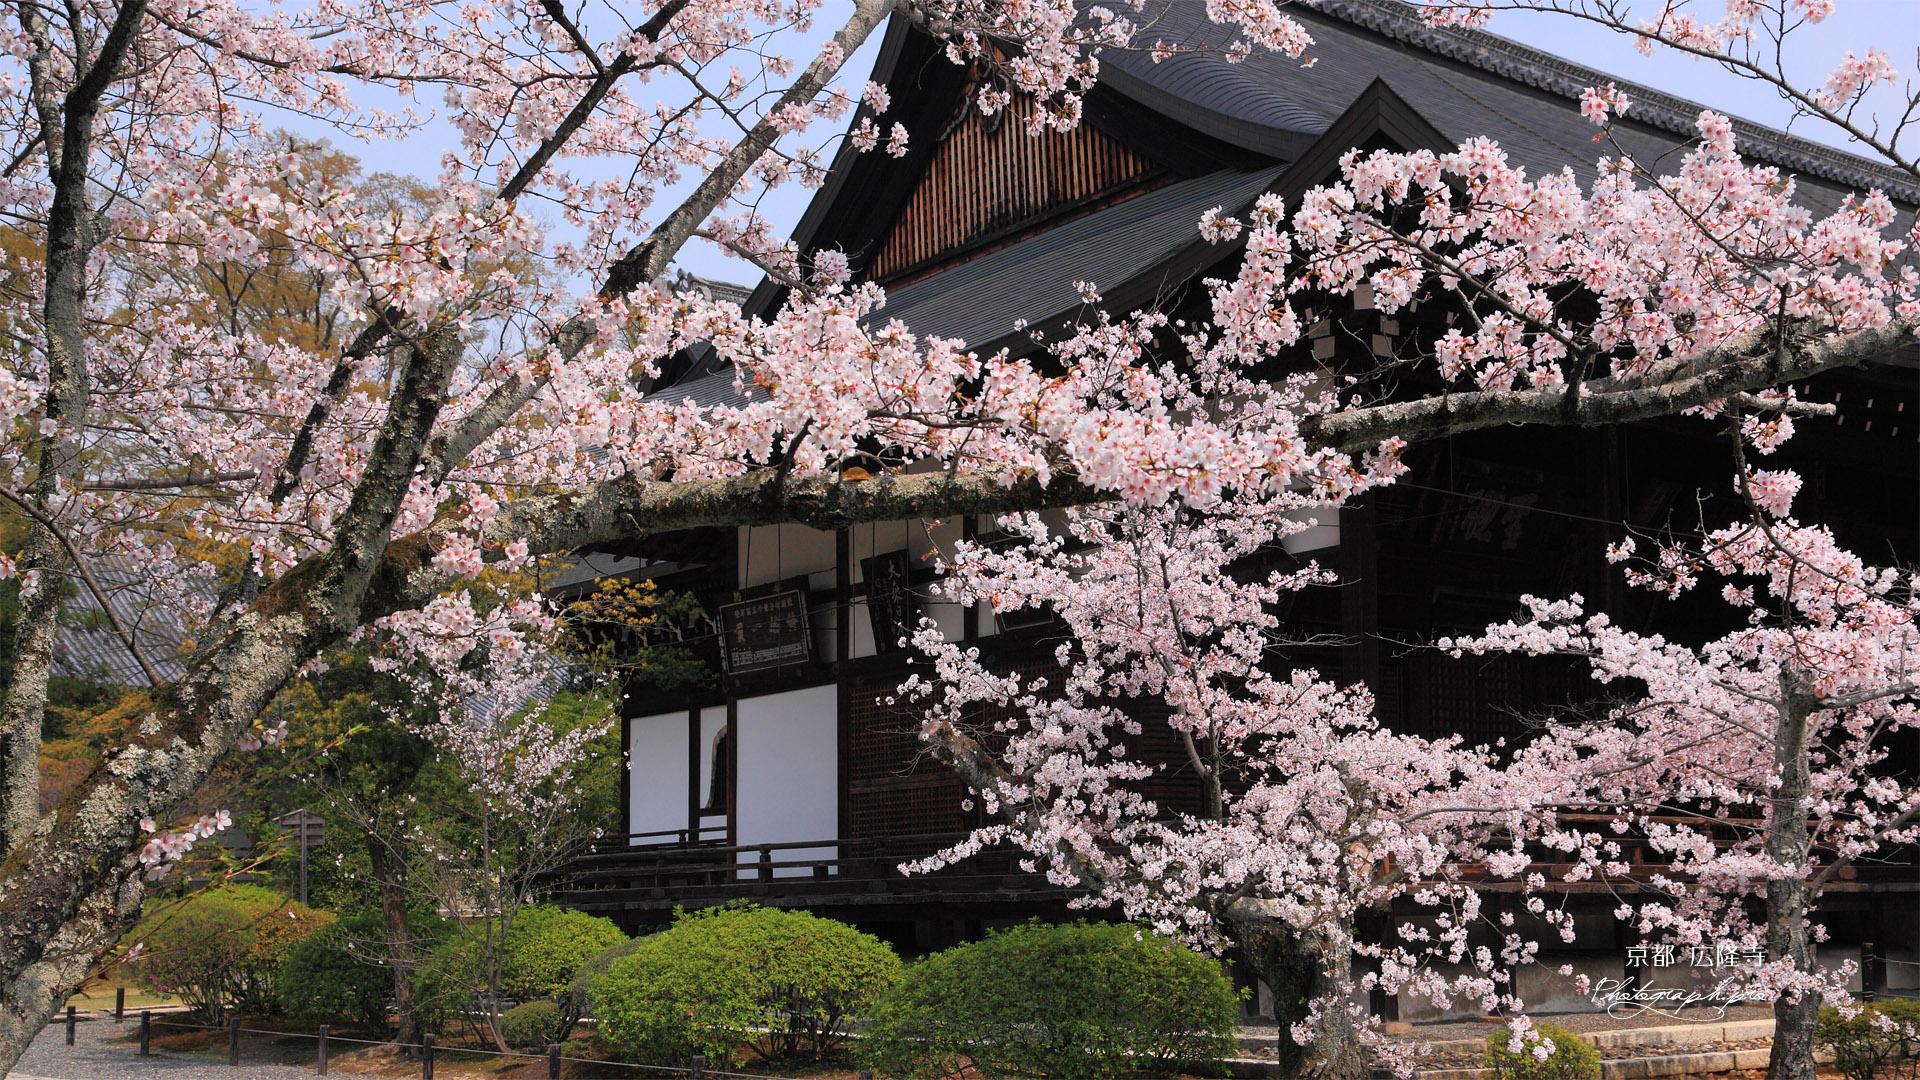 広隆寺の桜と本堂